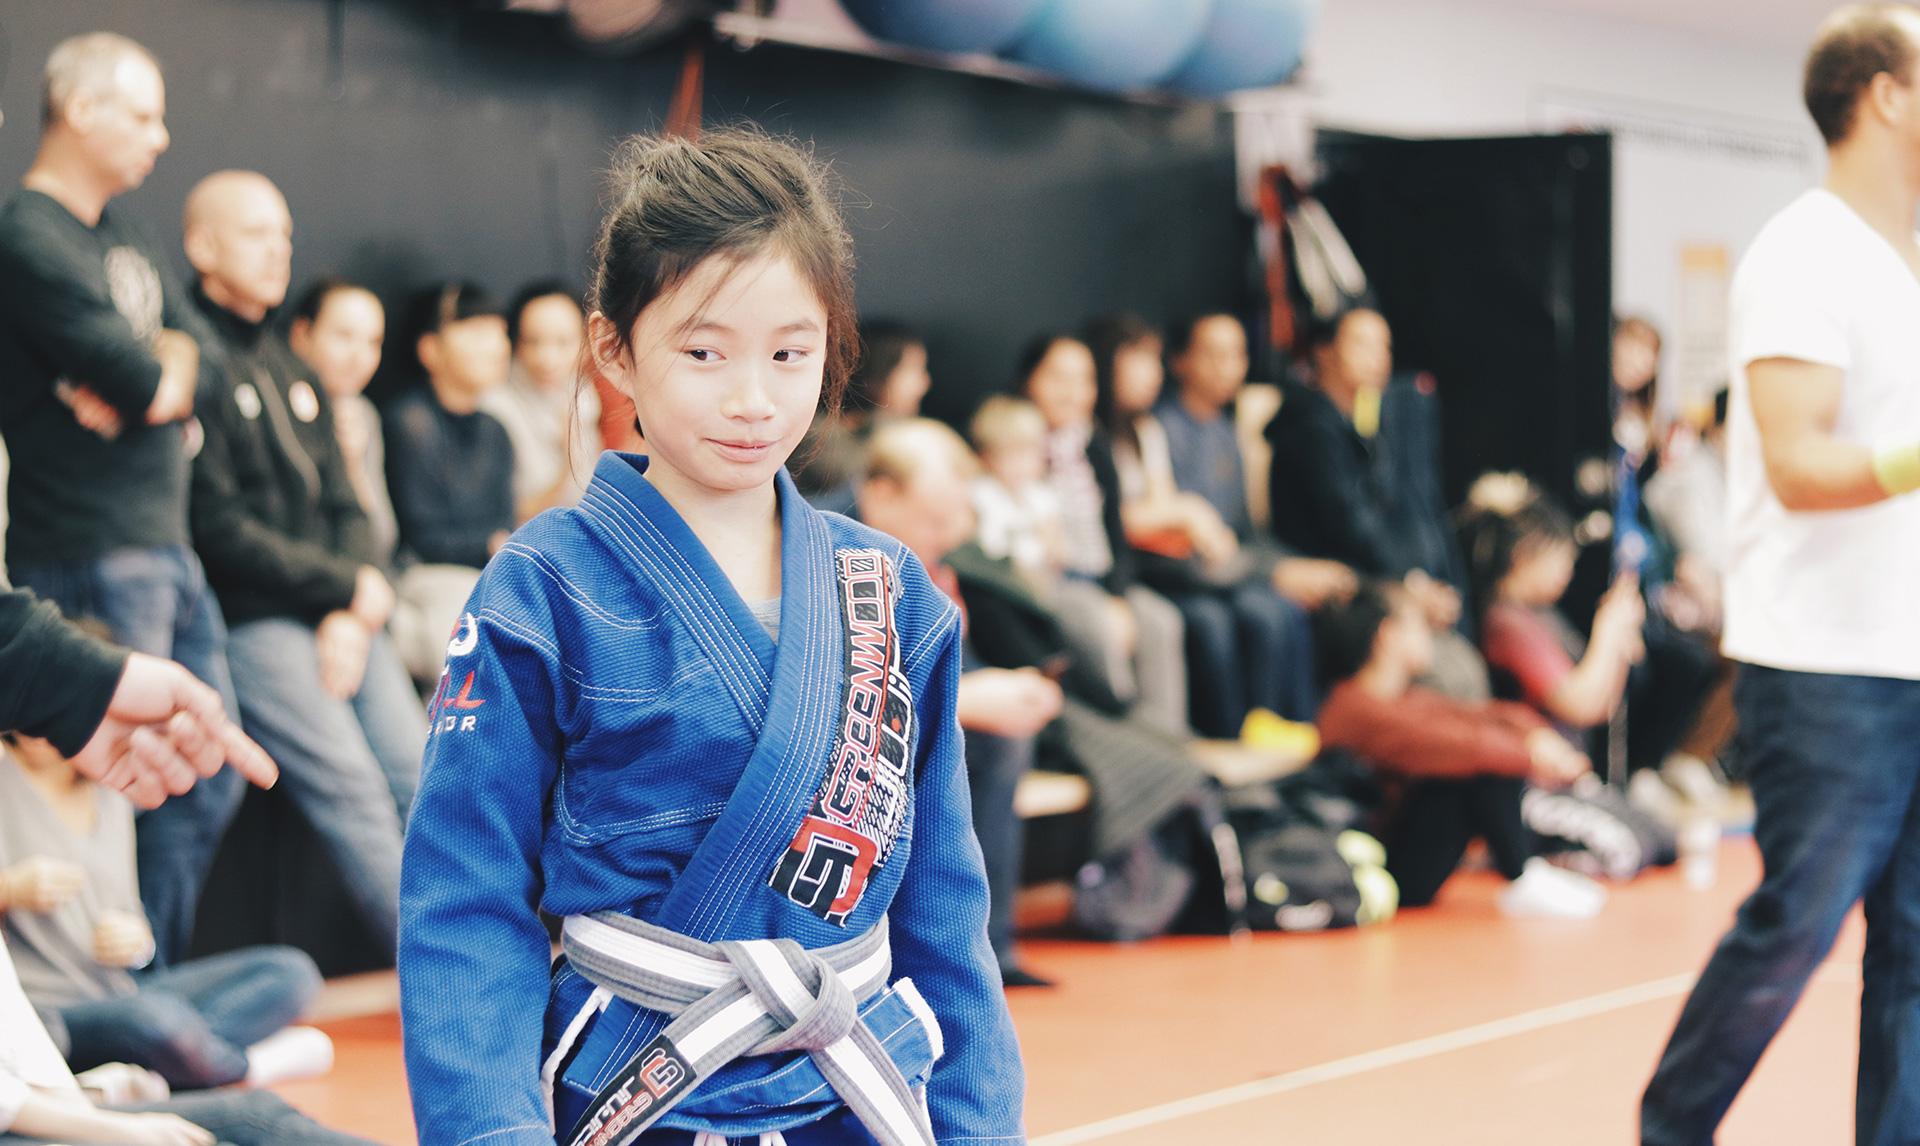 Brazilian Jiu Jitsu Girl